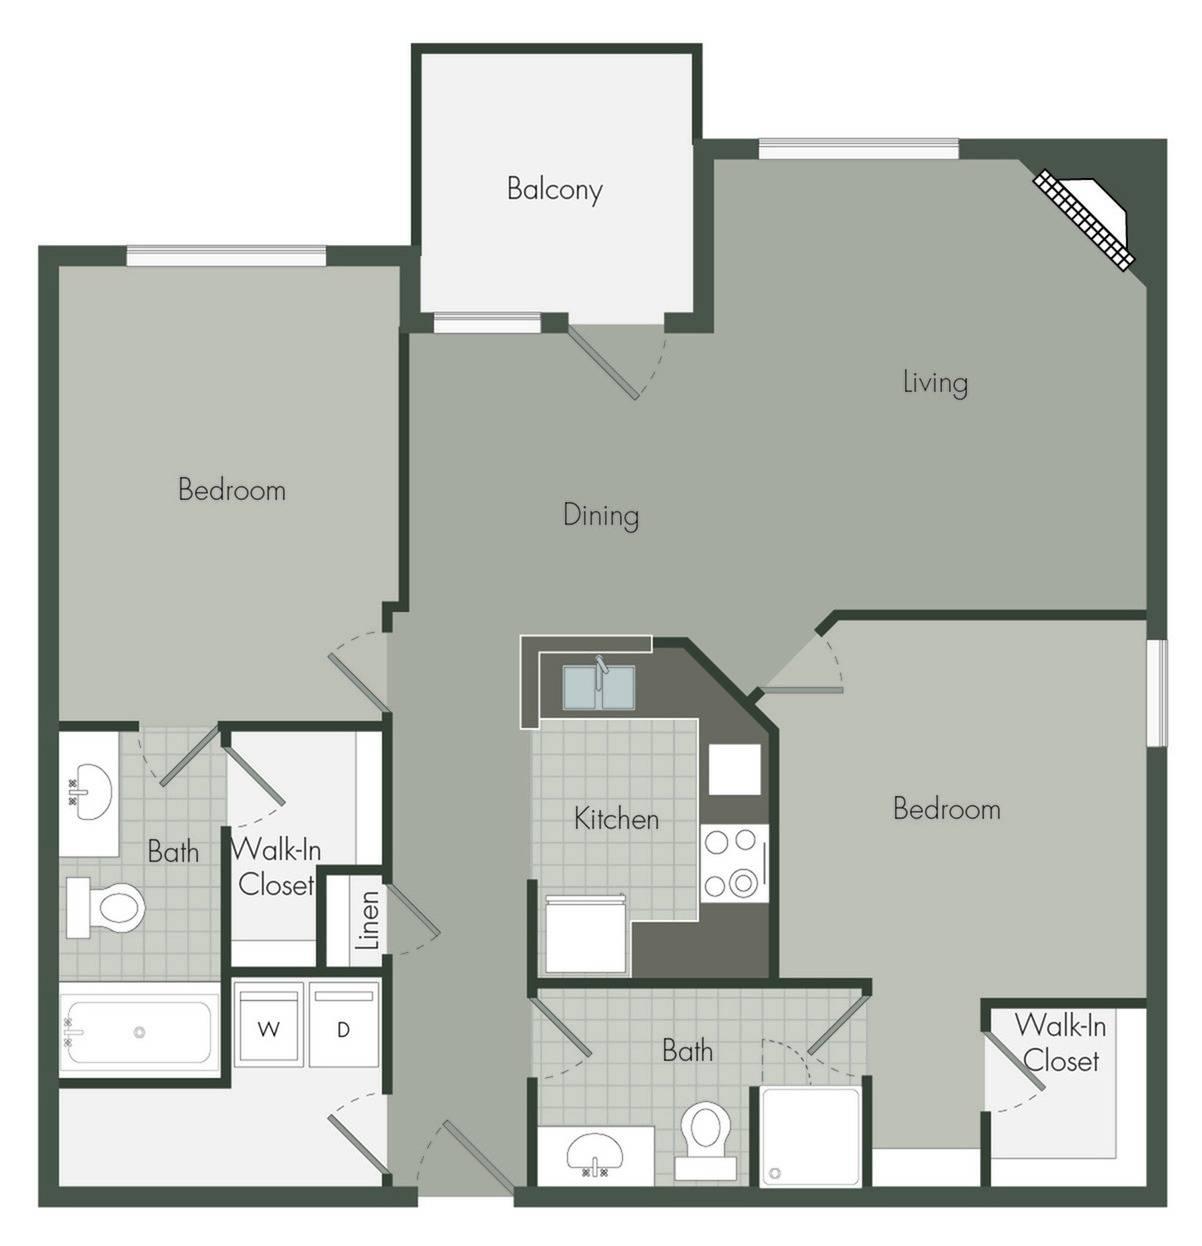 Mississippi Floor Plan Image